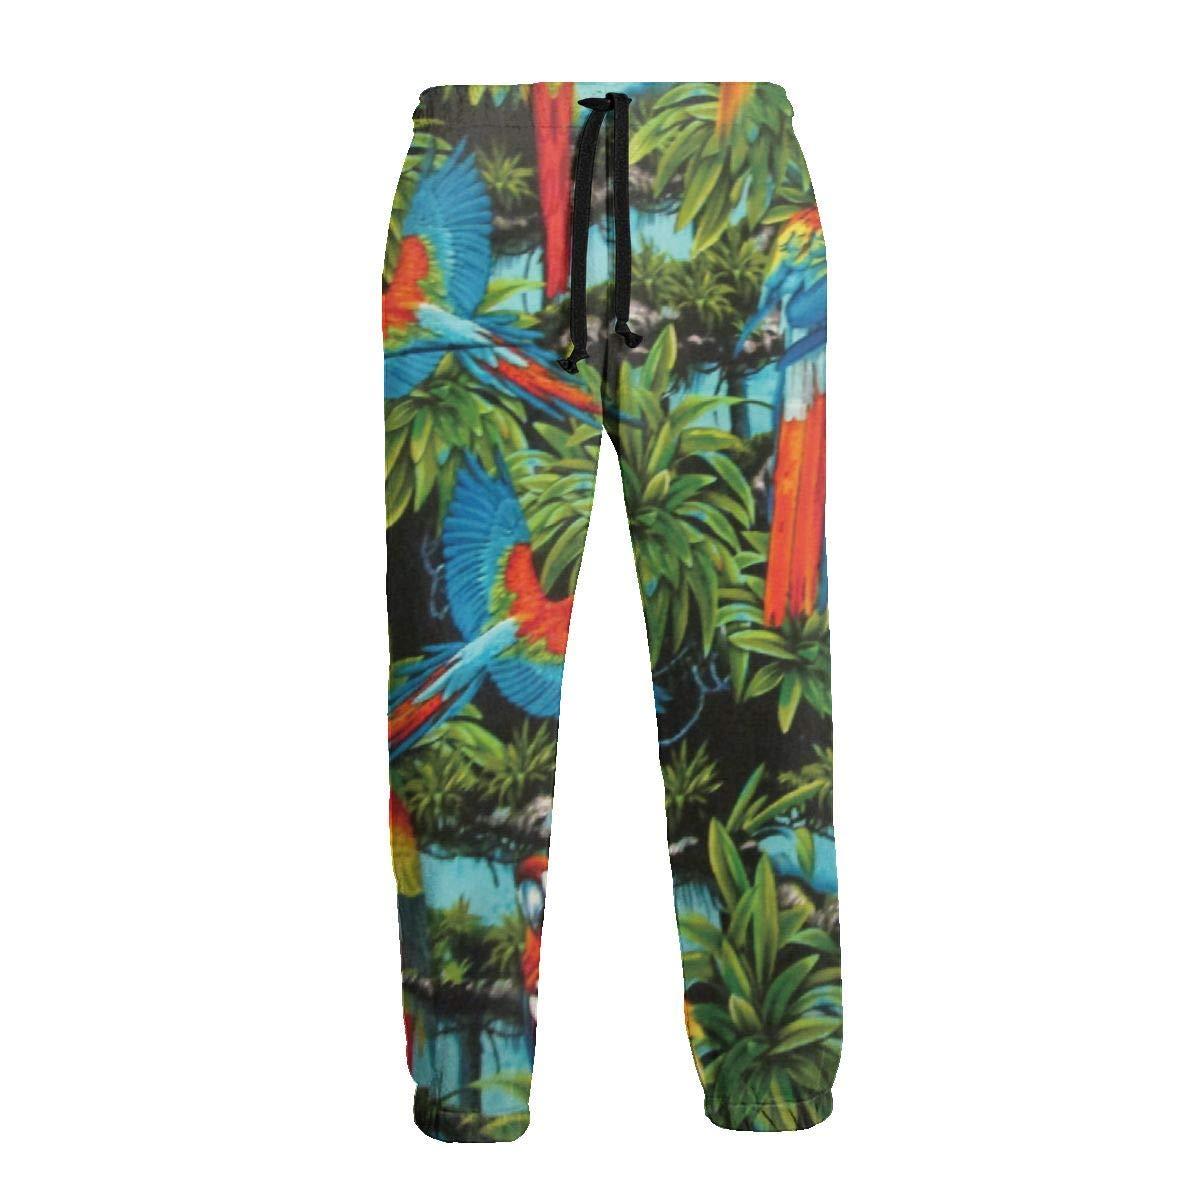 Pantalon de survêtement athlétique Parrot Jogger pour Hommes